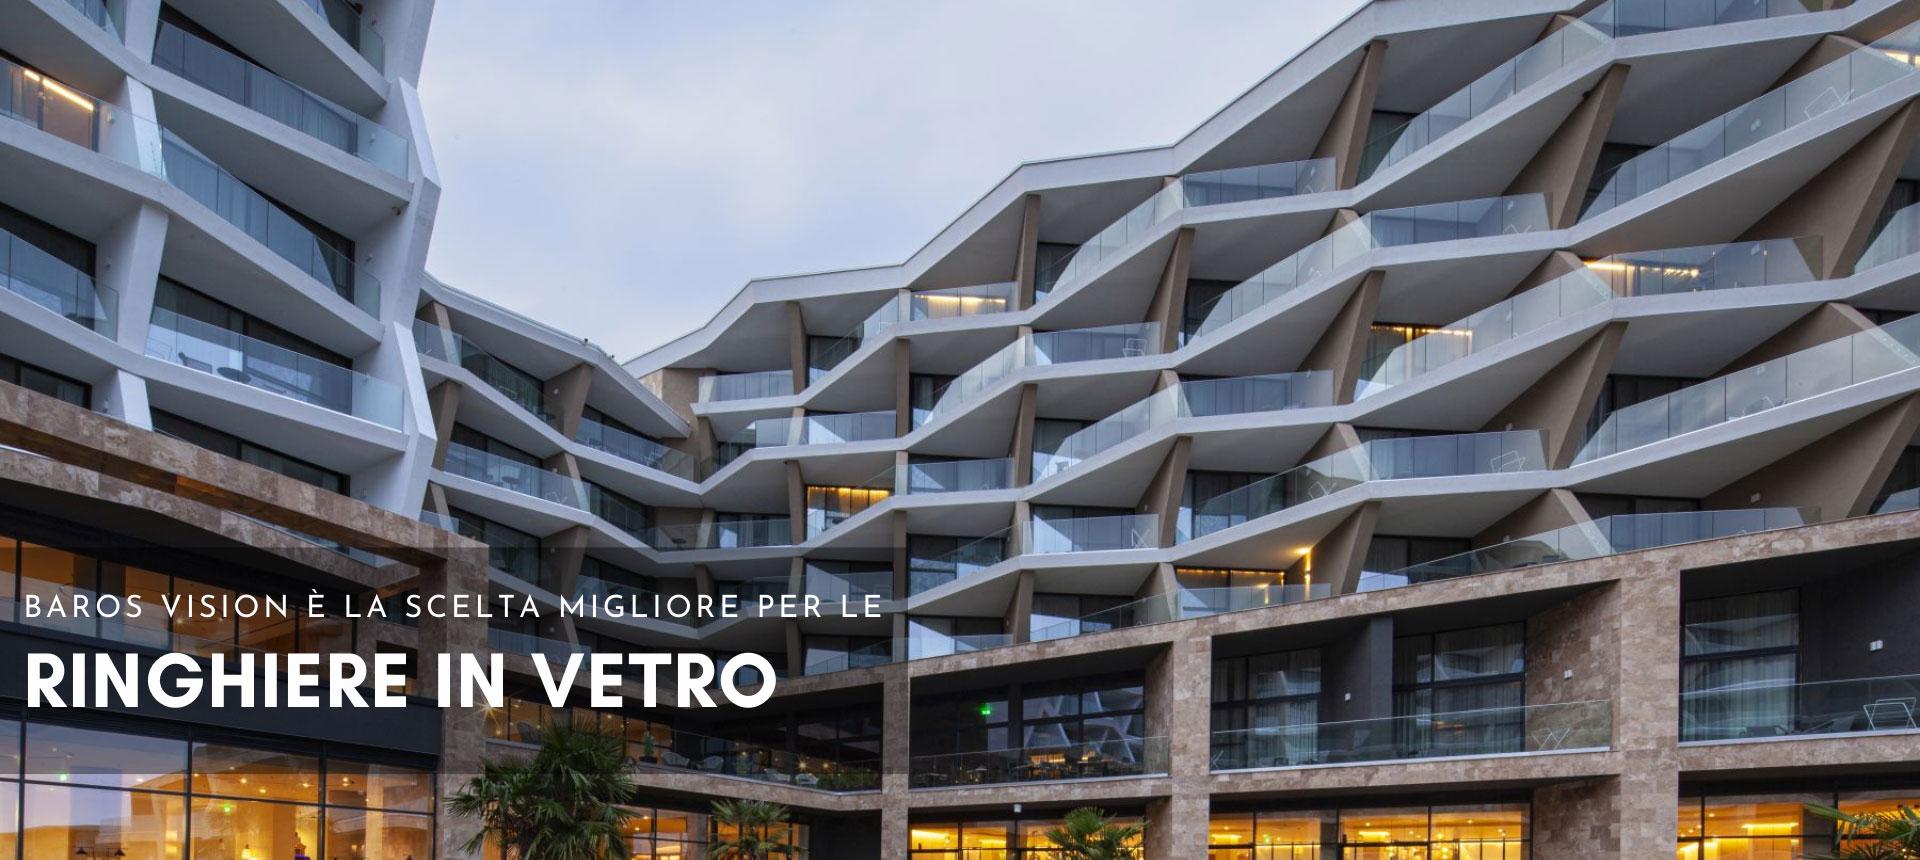 ringhiere in vetro al progetto baros vision del complesso alberghiero